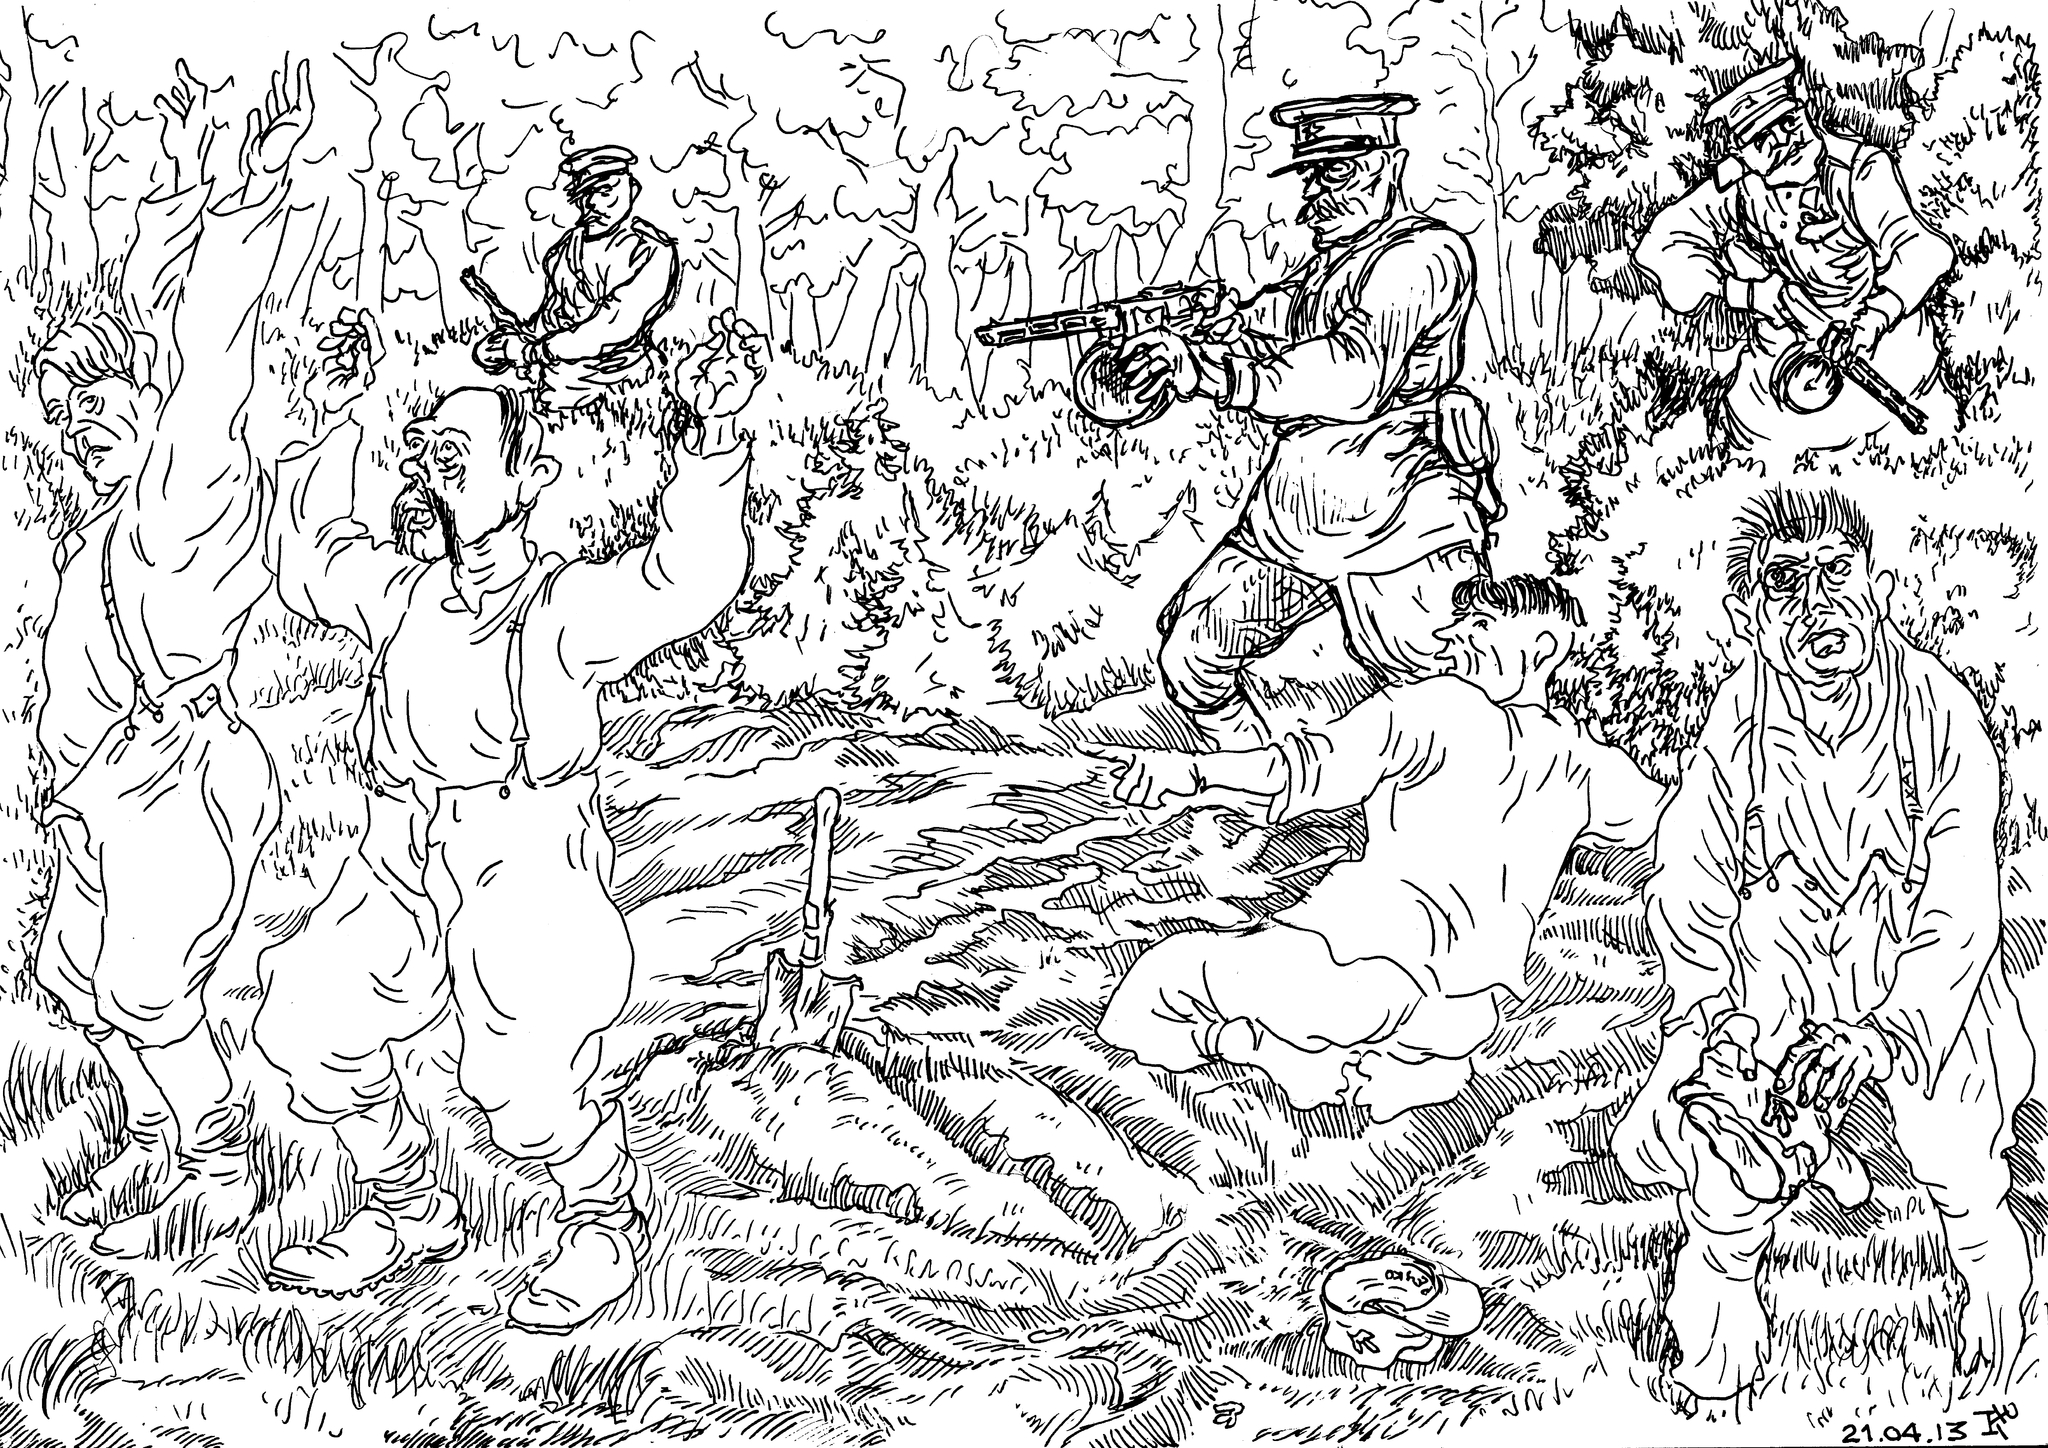 Красноармейцы украинской национальности быстро определяли «земляков» из частей «Нахтигаль» и тут же расправлялись с ними